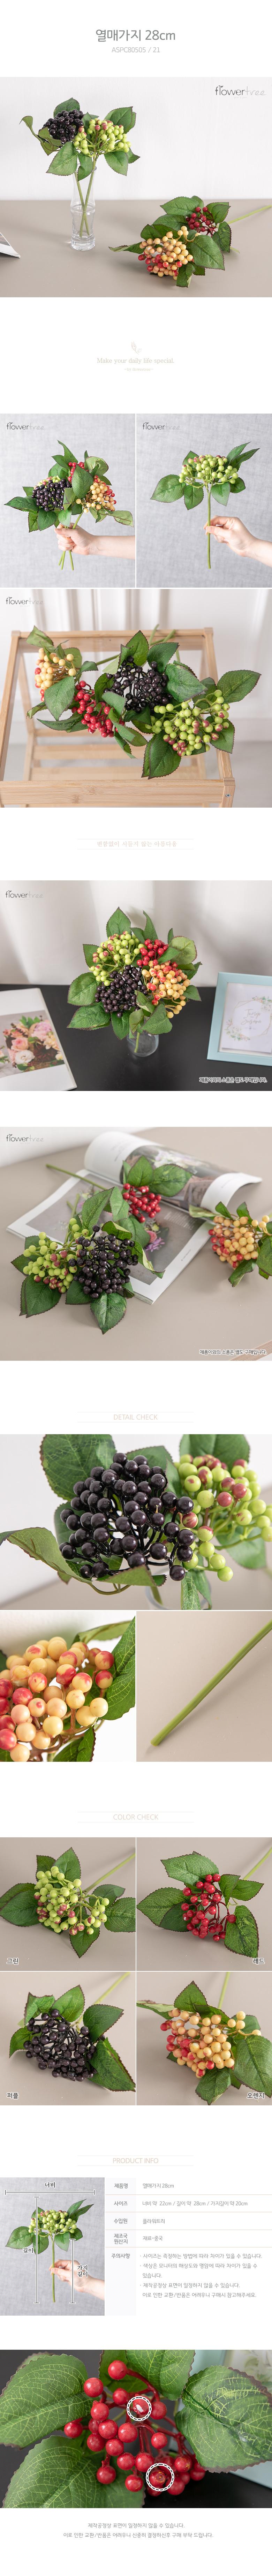 열매가지 28cm [조화] - 플라워트리, 2,880원, 조화, 부쉬